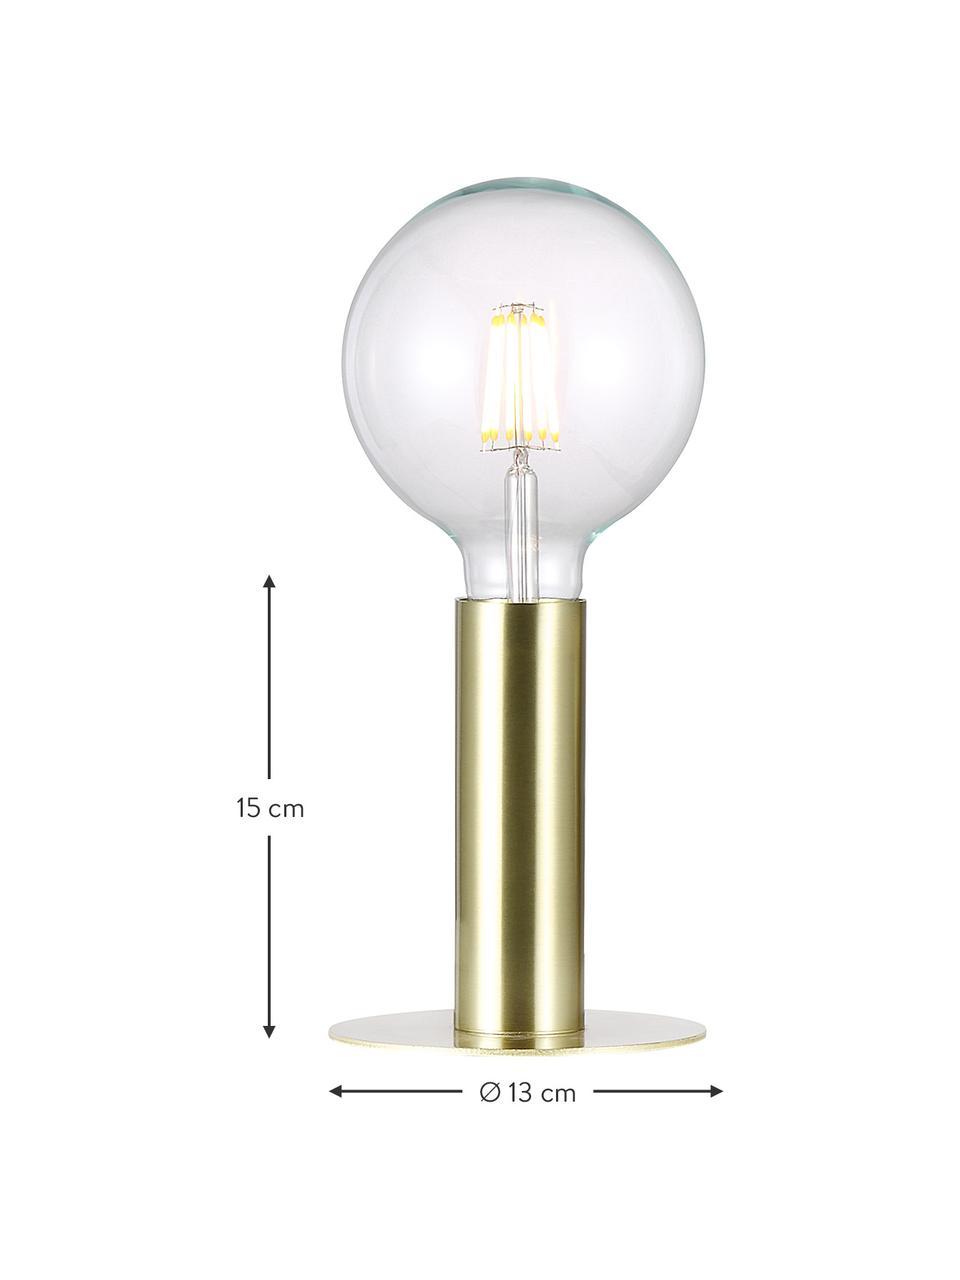 Kleine Tischlampe Dean aus Metall, Lampenfuß: Messing, Messing, Ø 13 x H 15 cm